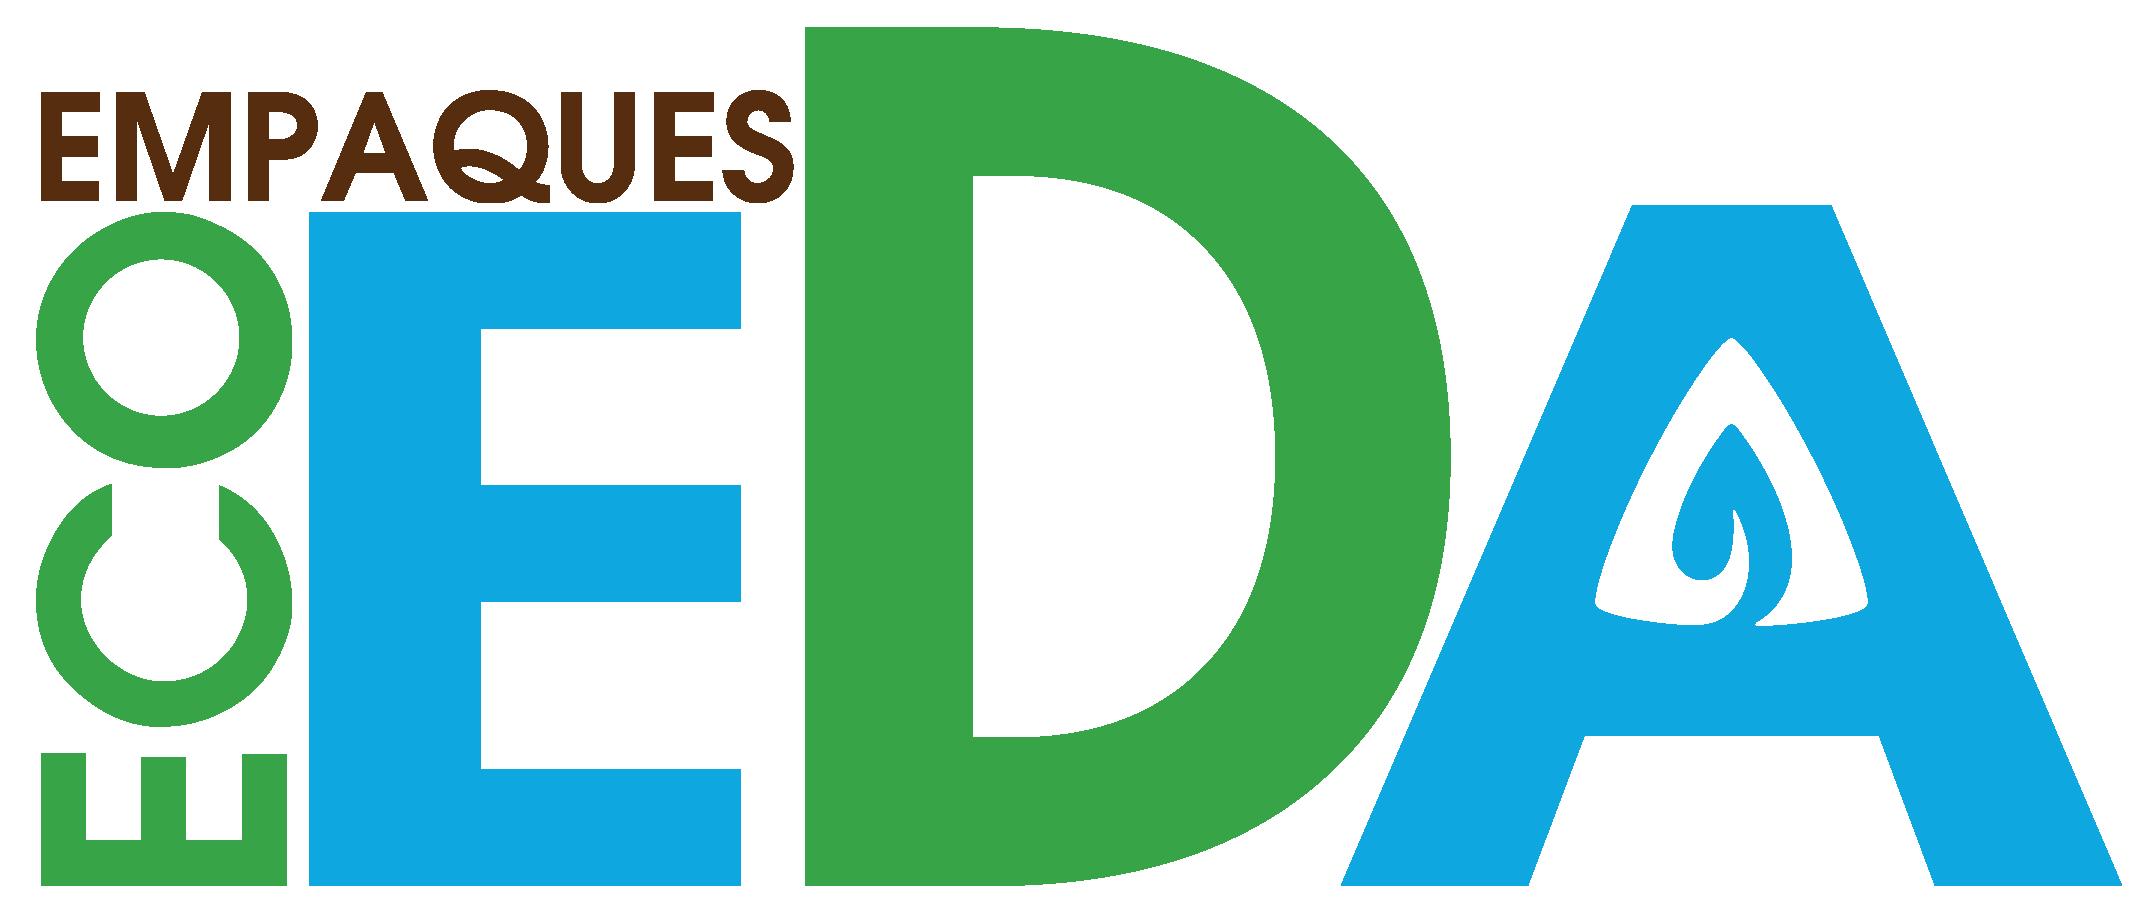 Empaques Ecoeda